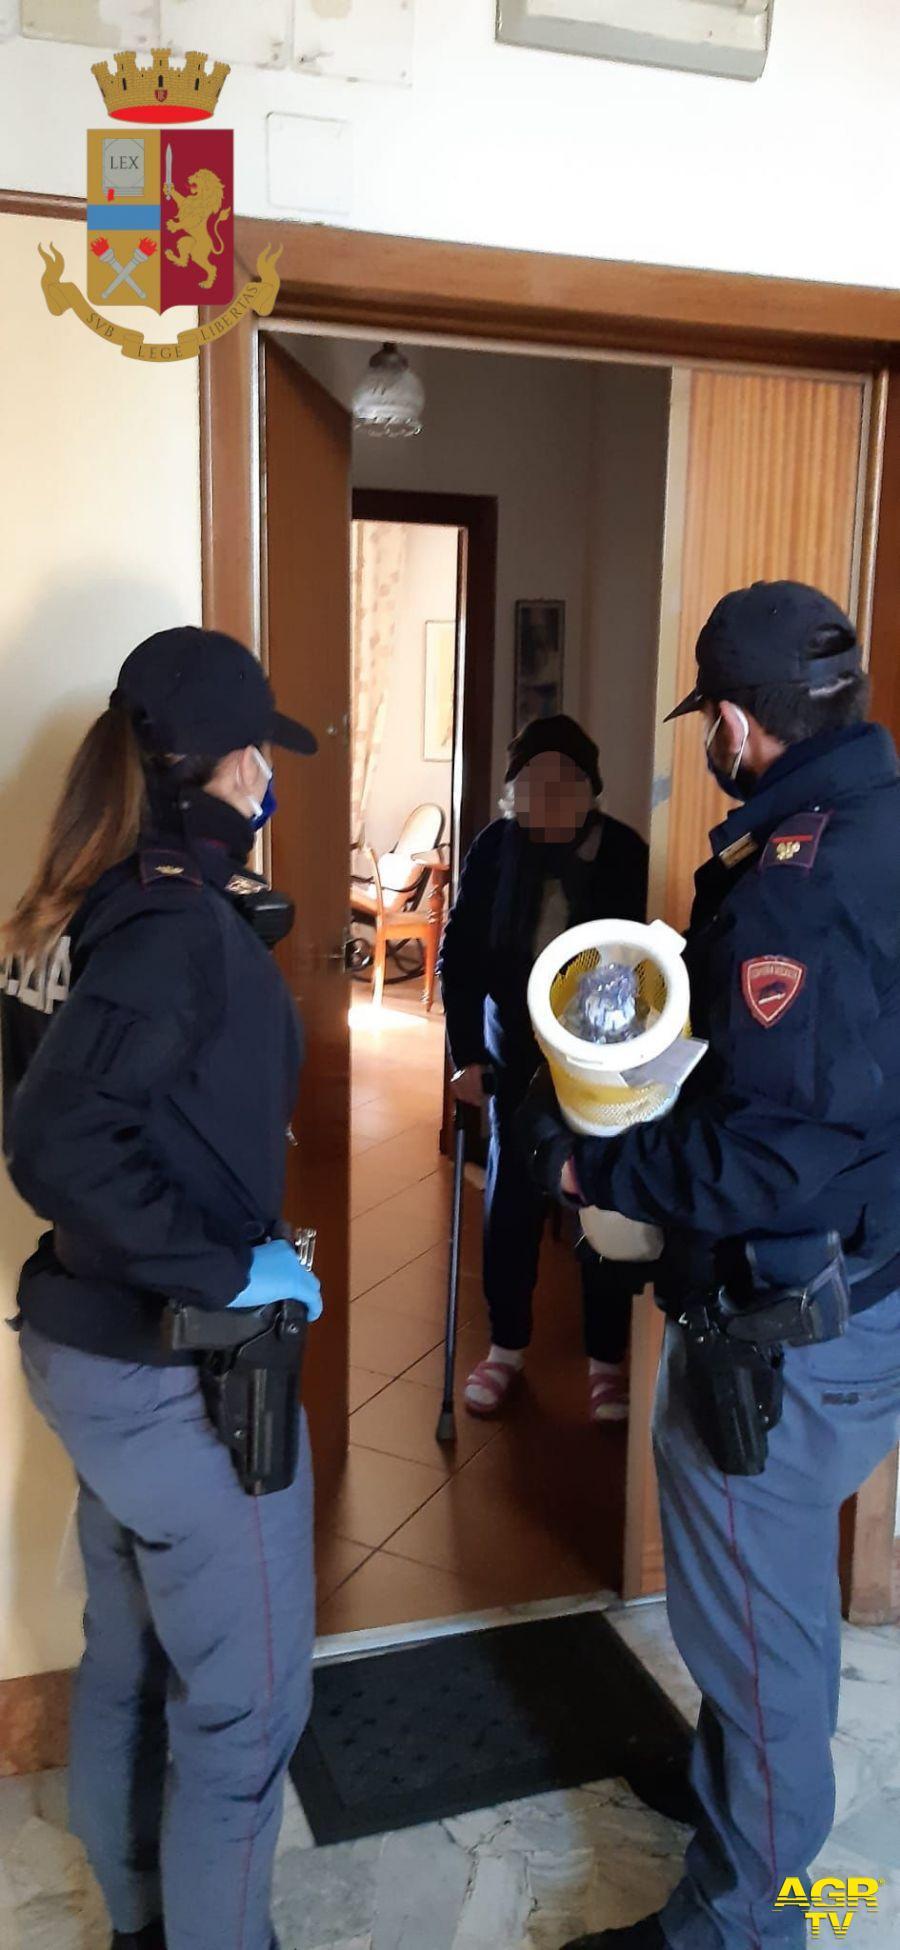 Resta senza ossigeno, la polizia gli consegna la bombola a casa